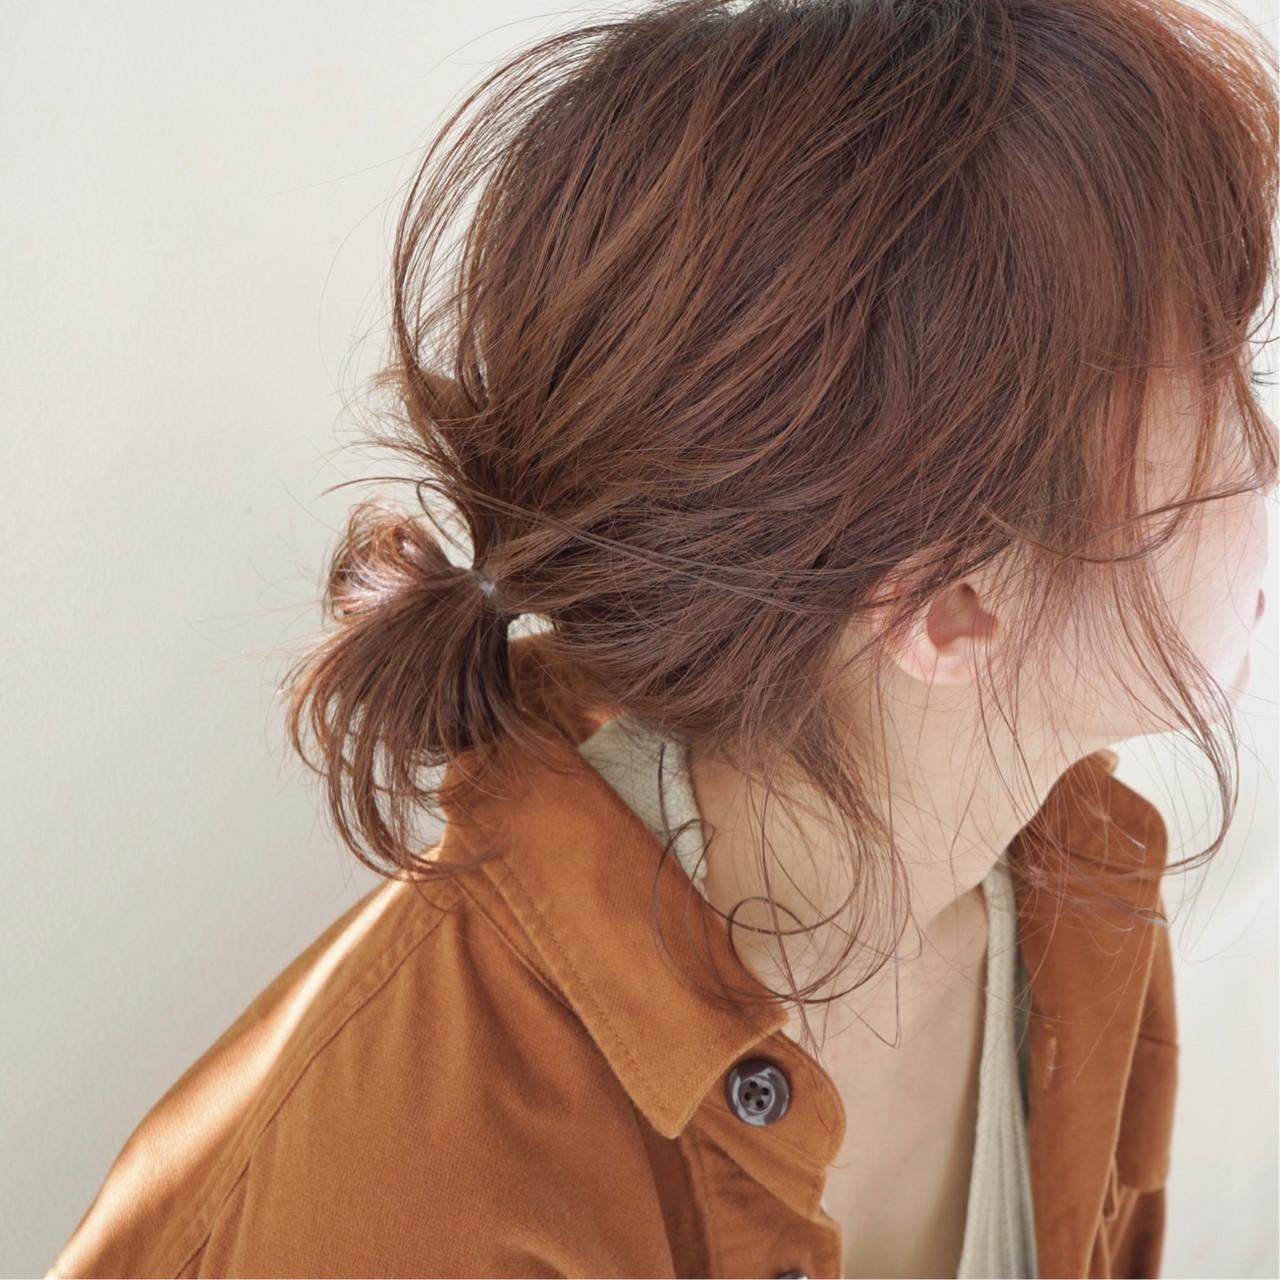 今年の秋冬はこのヘアカラーが流行る!深みのある「オレンジカラー♡」